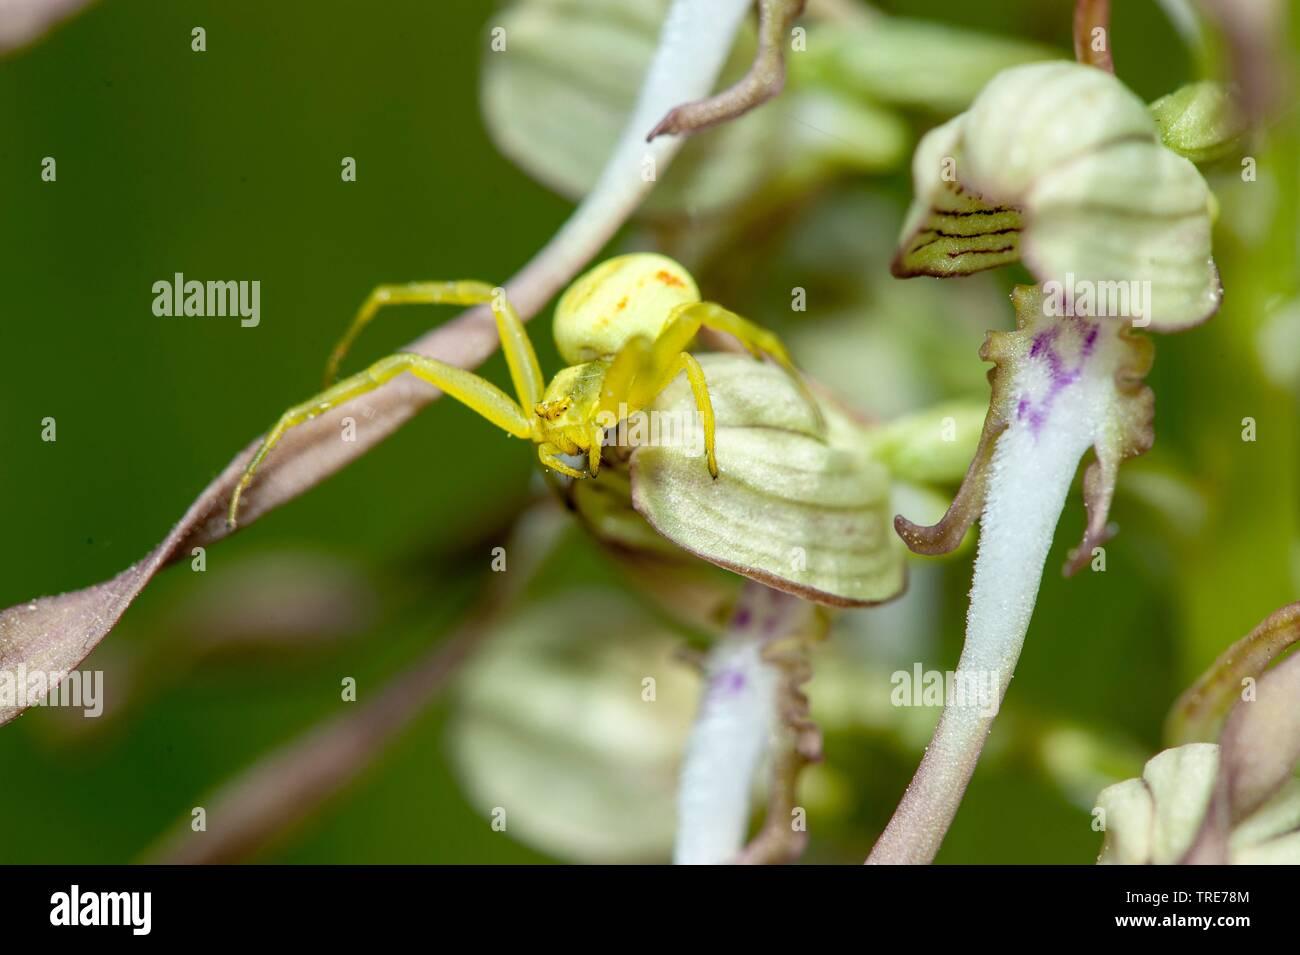 Veraenderliche Krabbenspinne, Veraenderliche Krabben-Spinne (Misumena vatia), auf Bocks-Riemenzunge (Himantoglossum hircinum), Deutschland | goldenrod - Stock Image